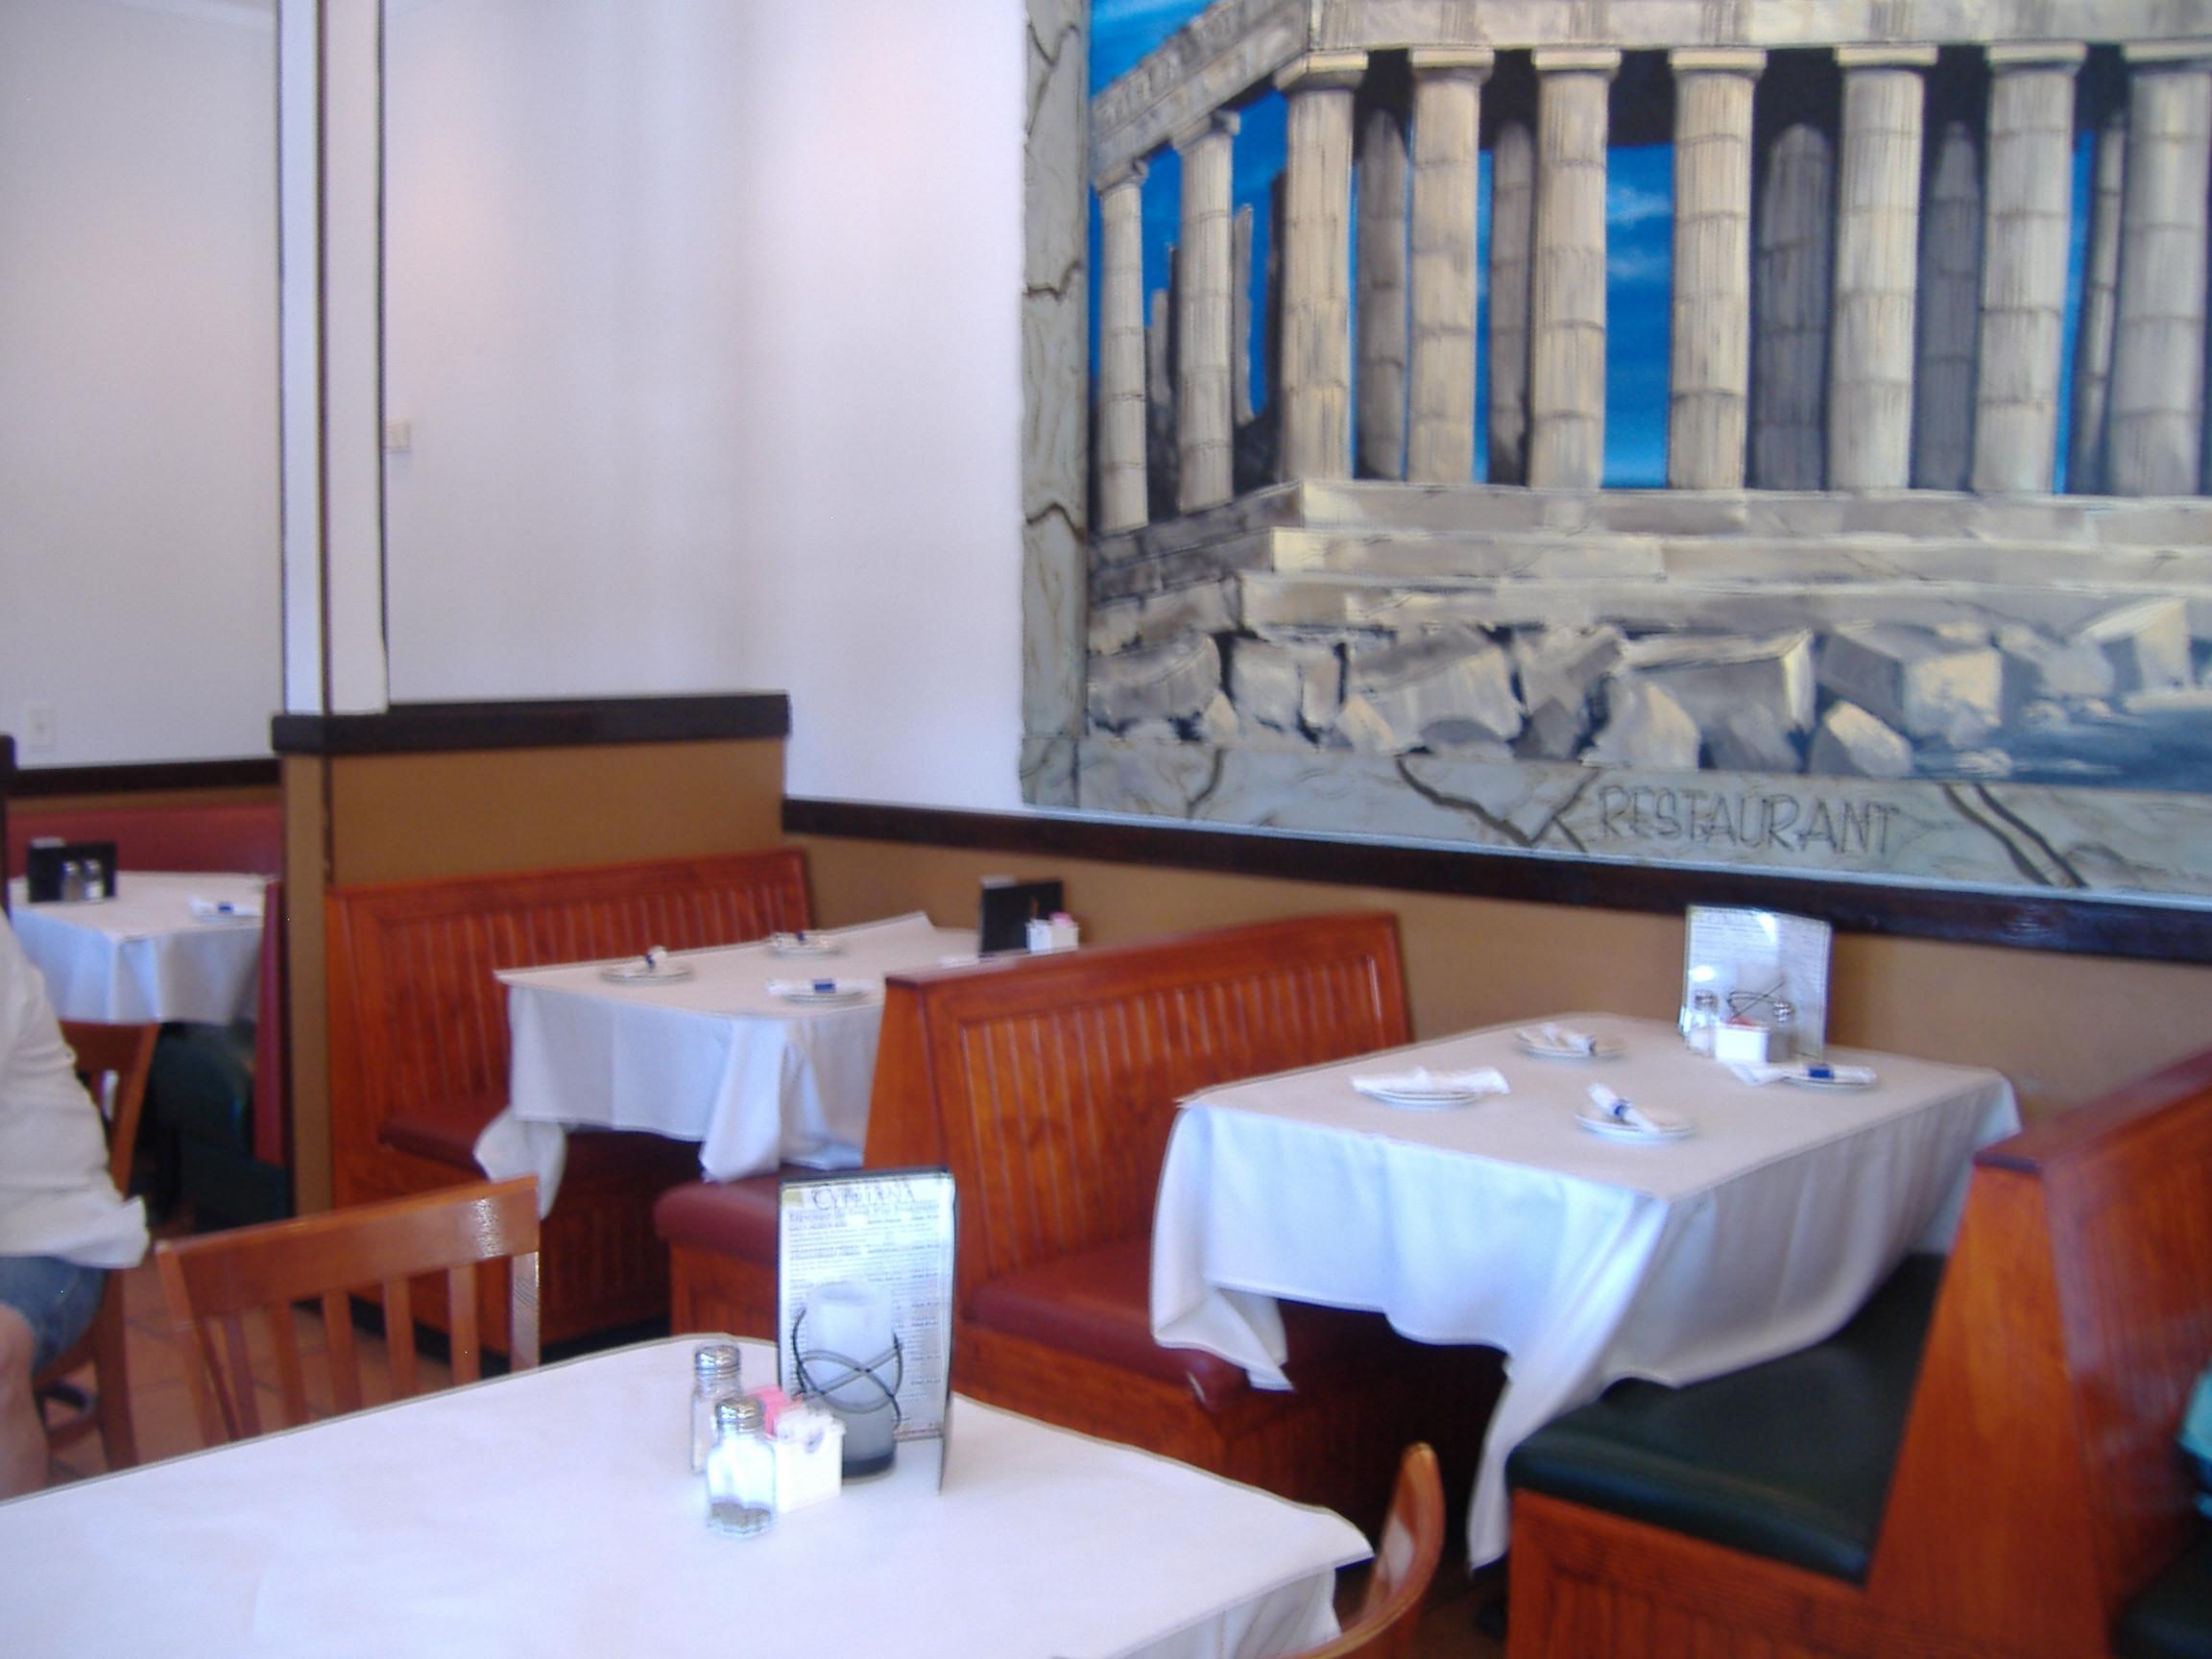 Best Mediterranean Restaurants Around Ucf And Waterford Lakes